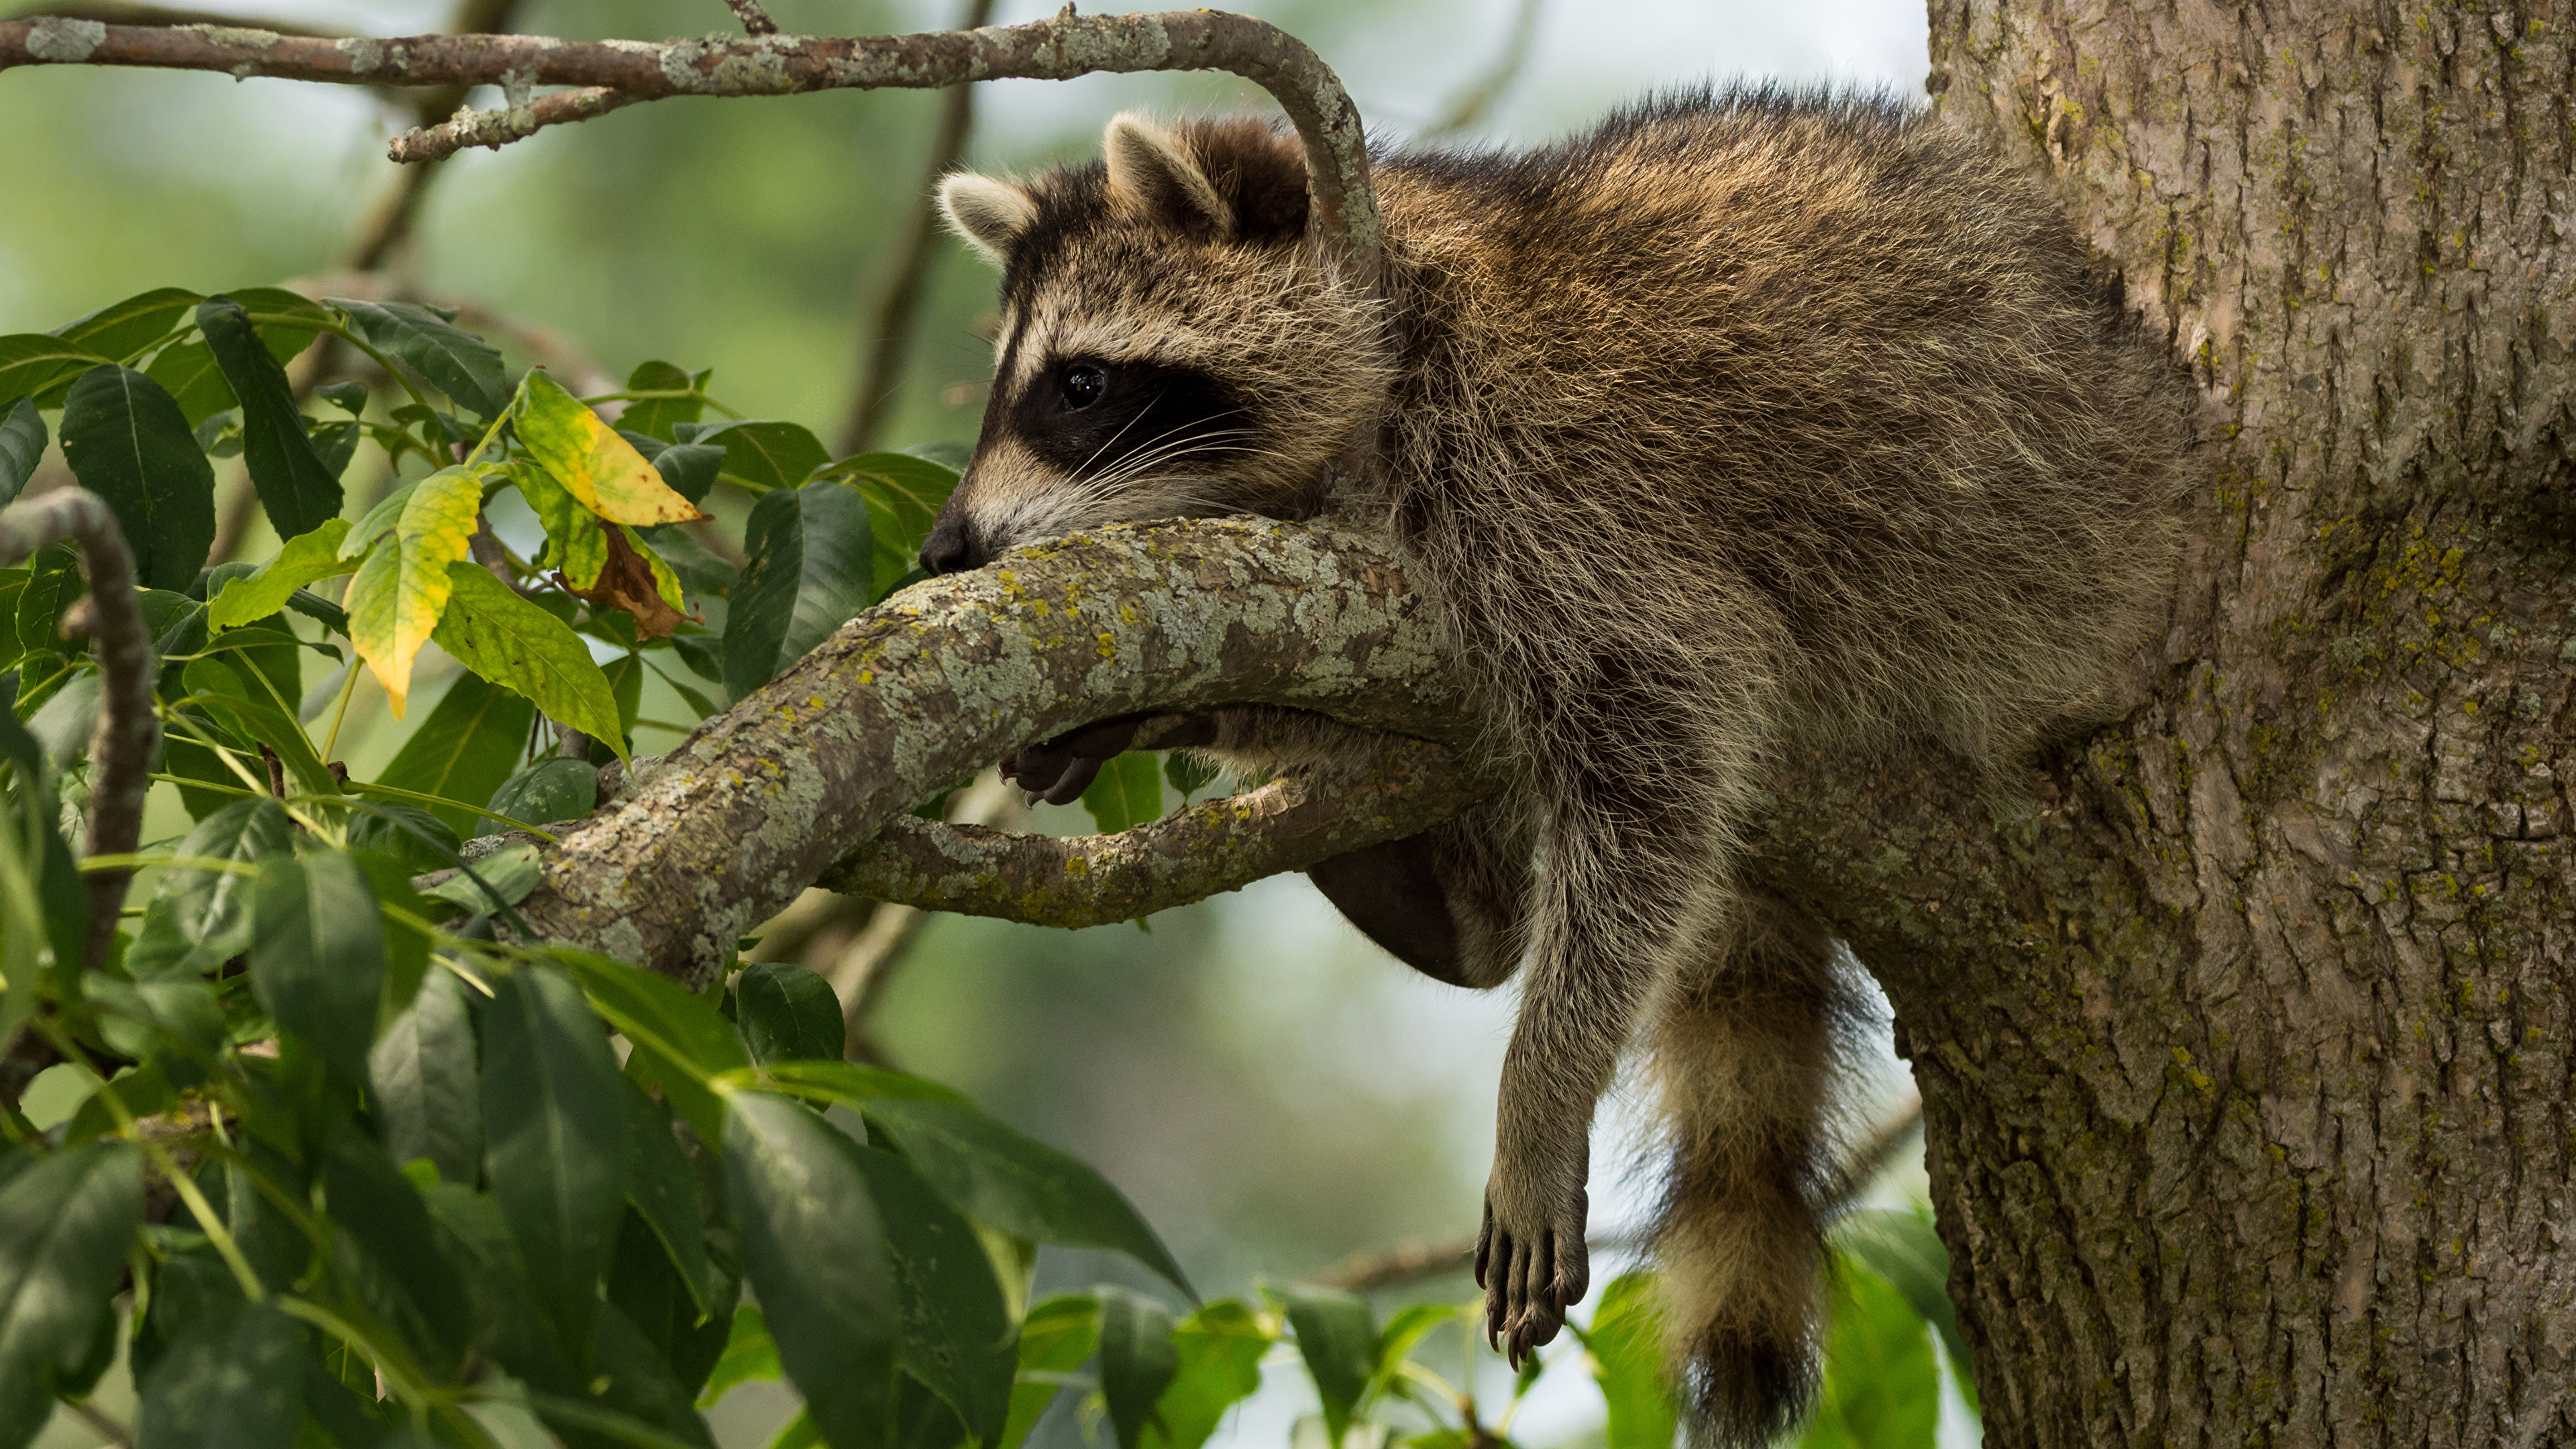 природа животное енот листья смотреть